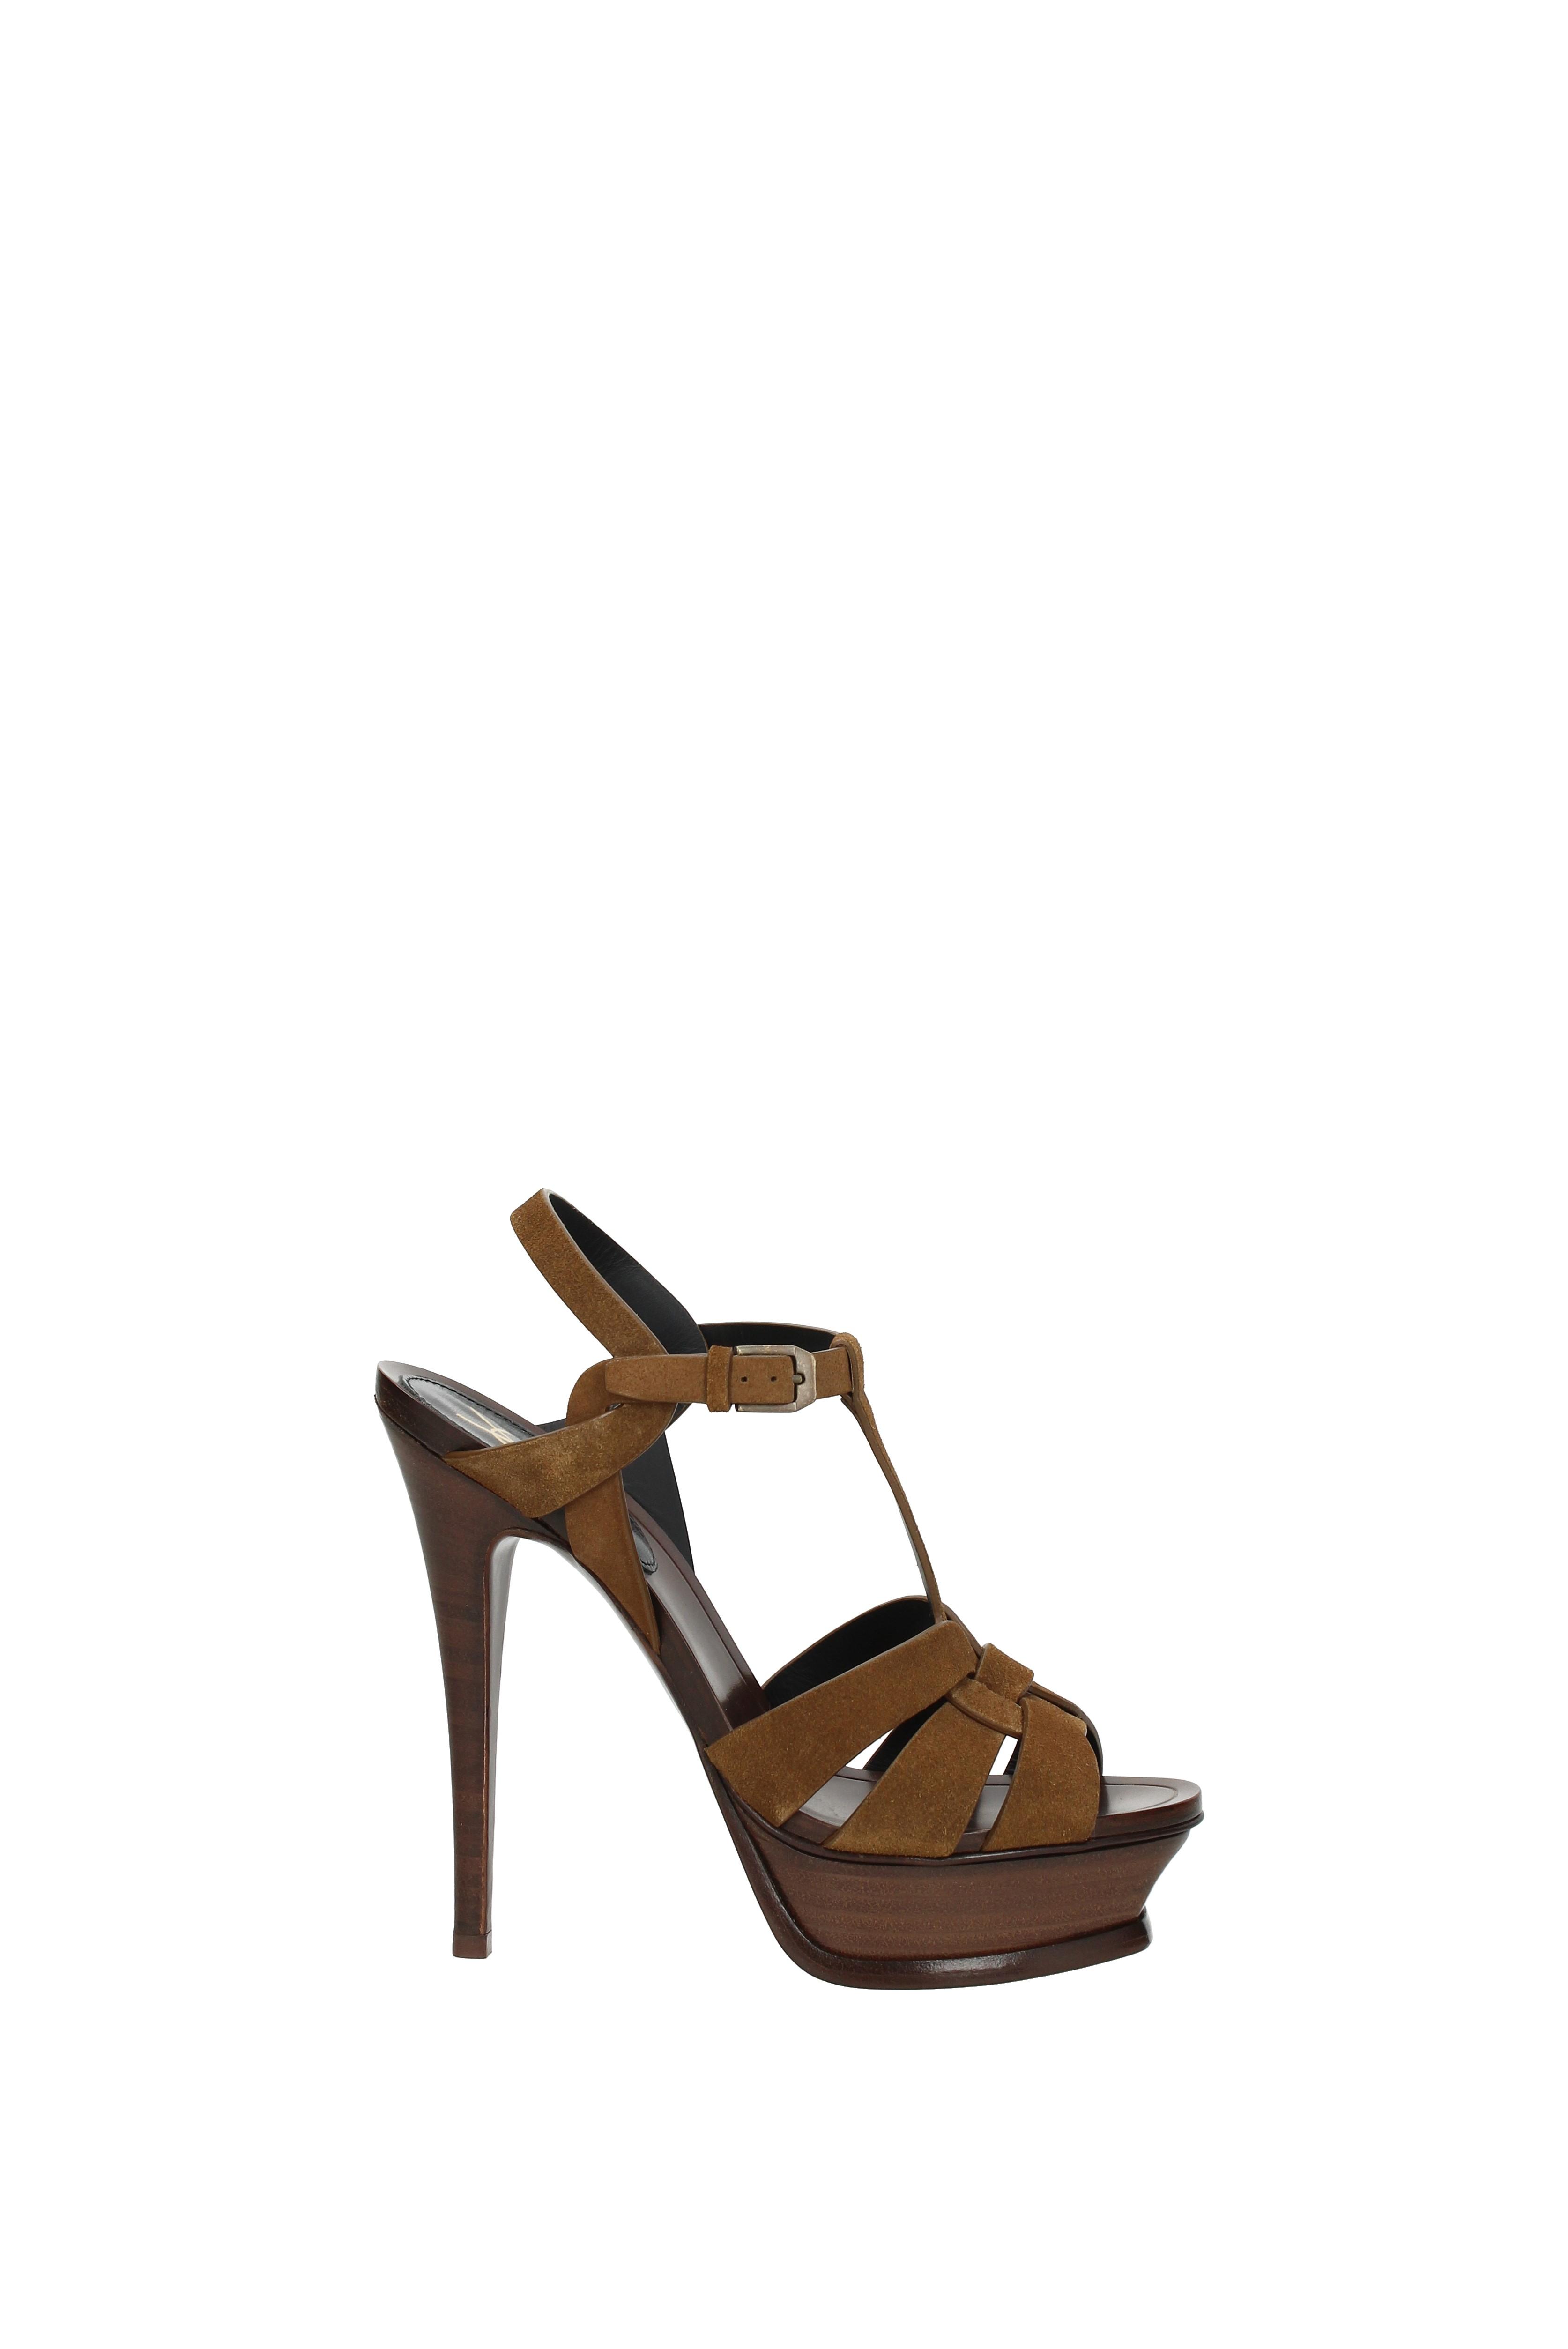 Sandalen Saint Laurent Damen - - - Wildleder (499525D5X00) 0ff017